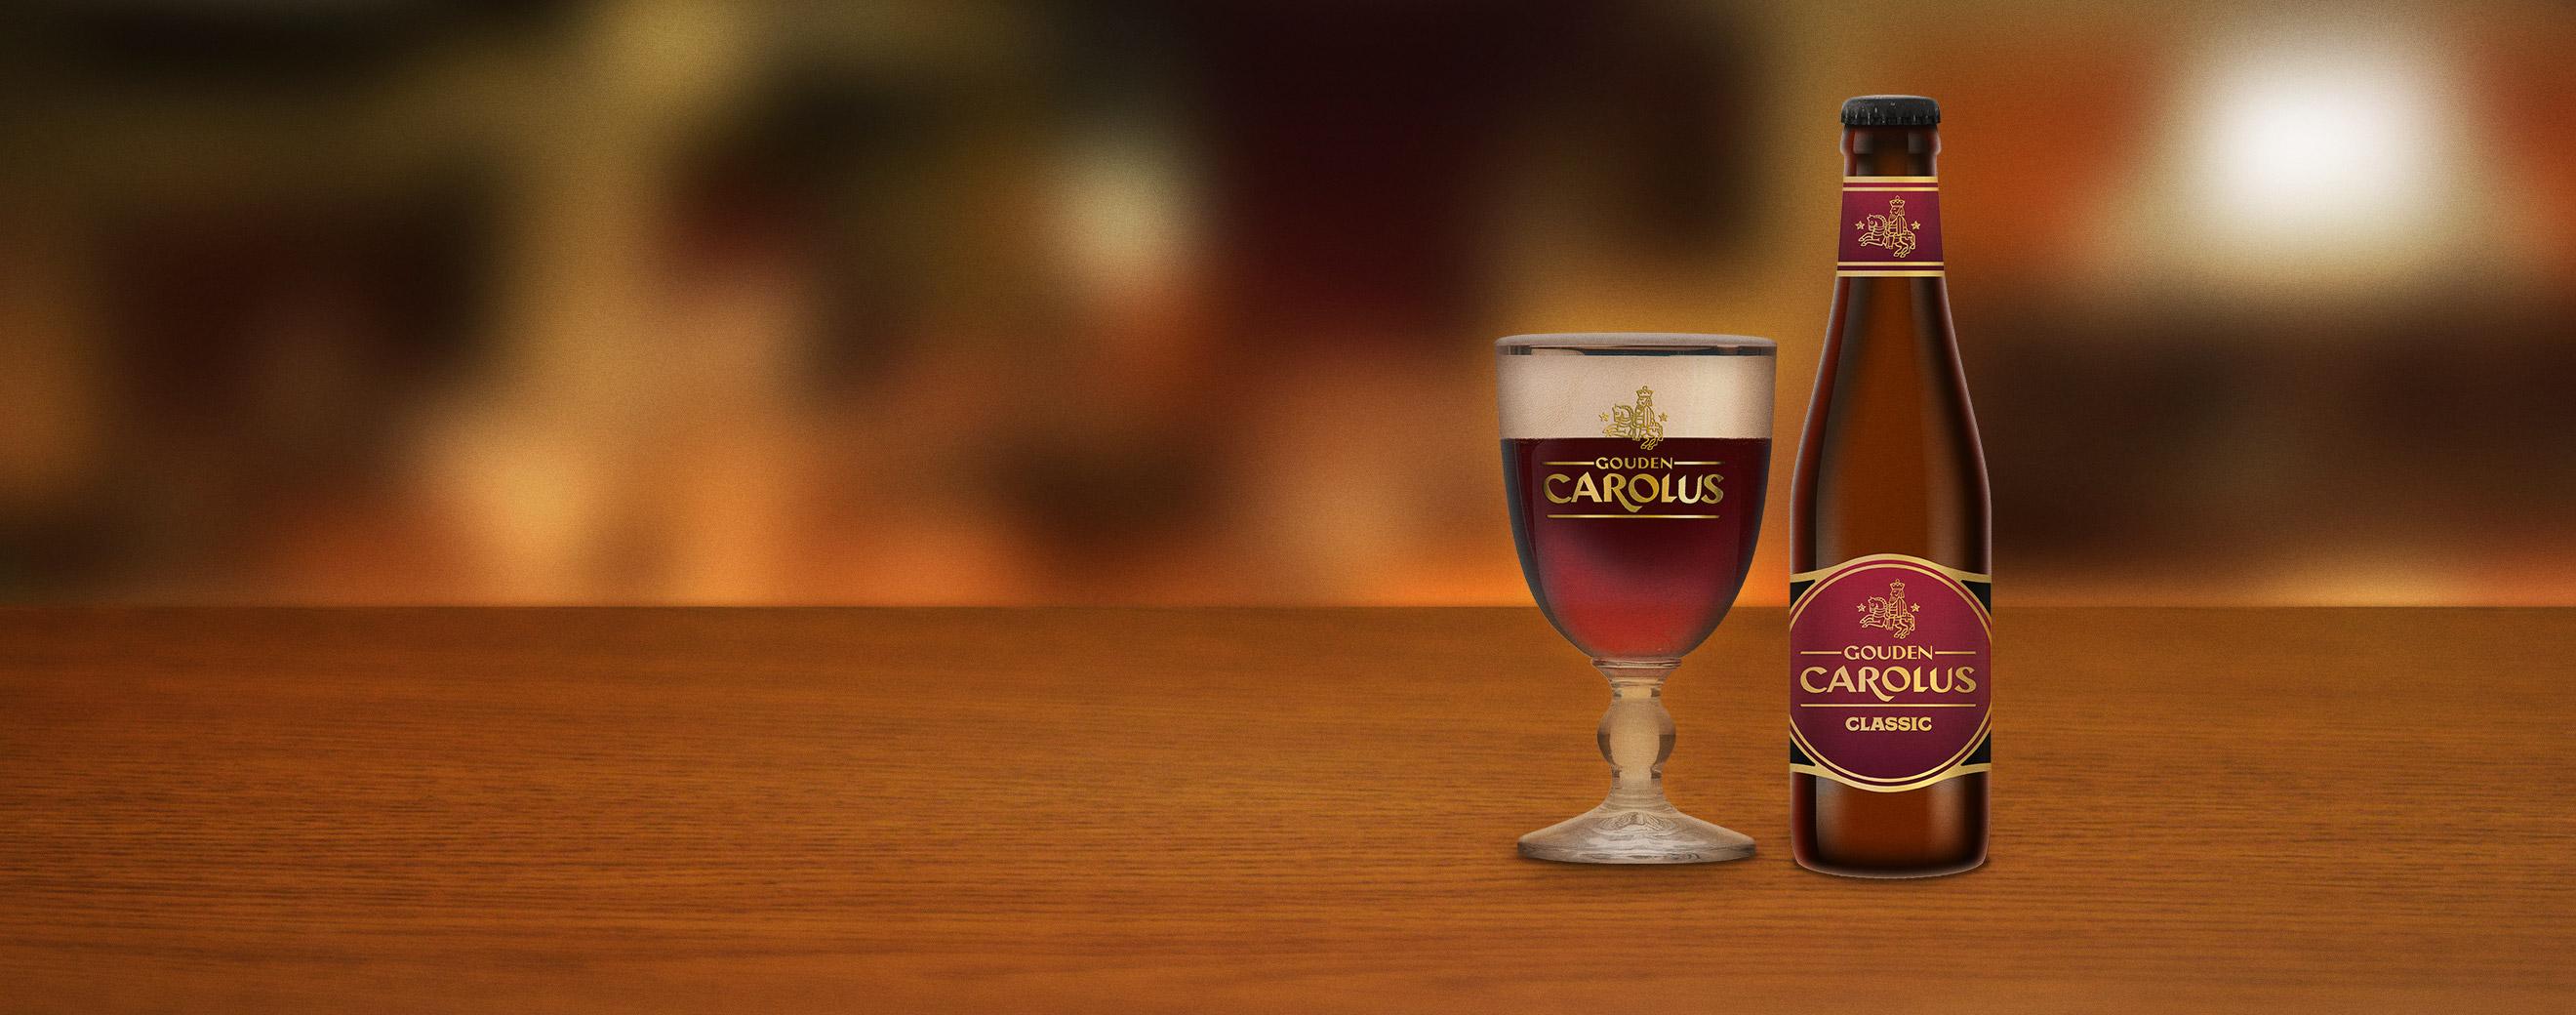 Gouden Carolus Classic met glas